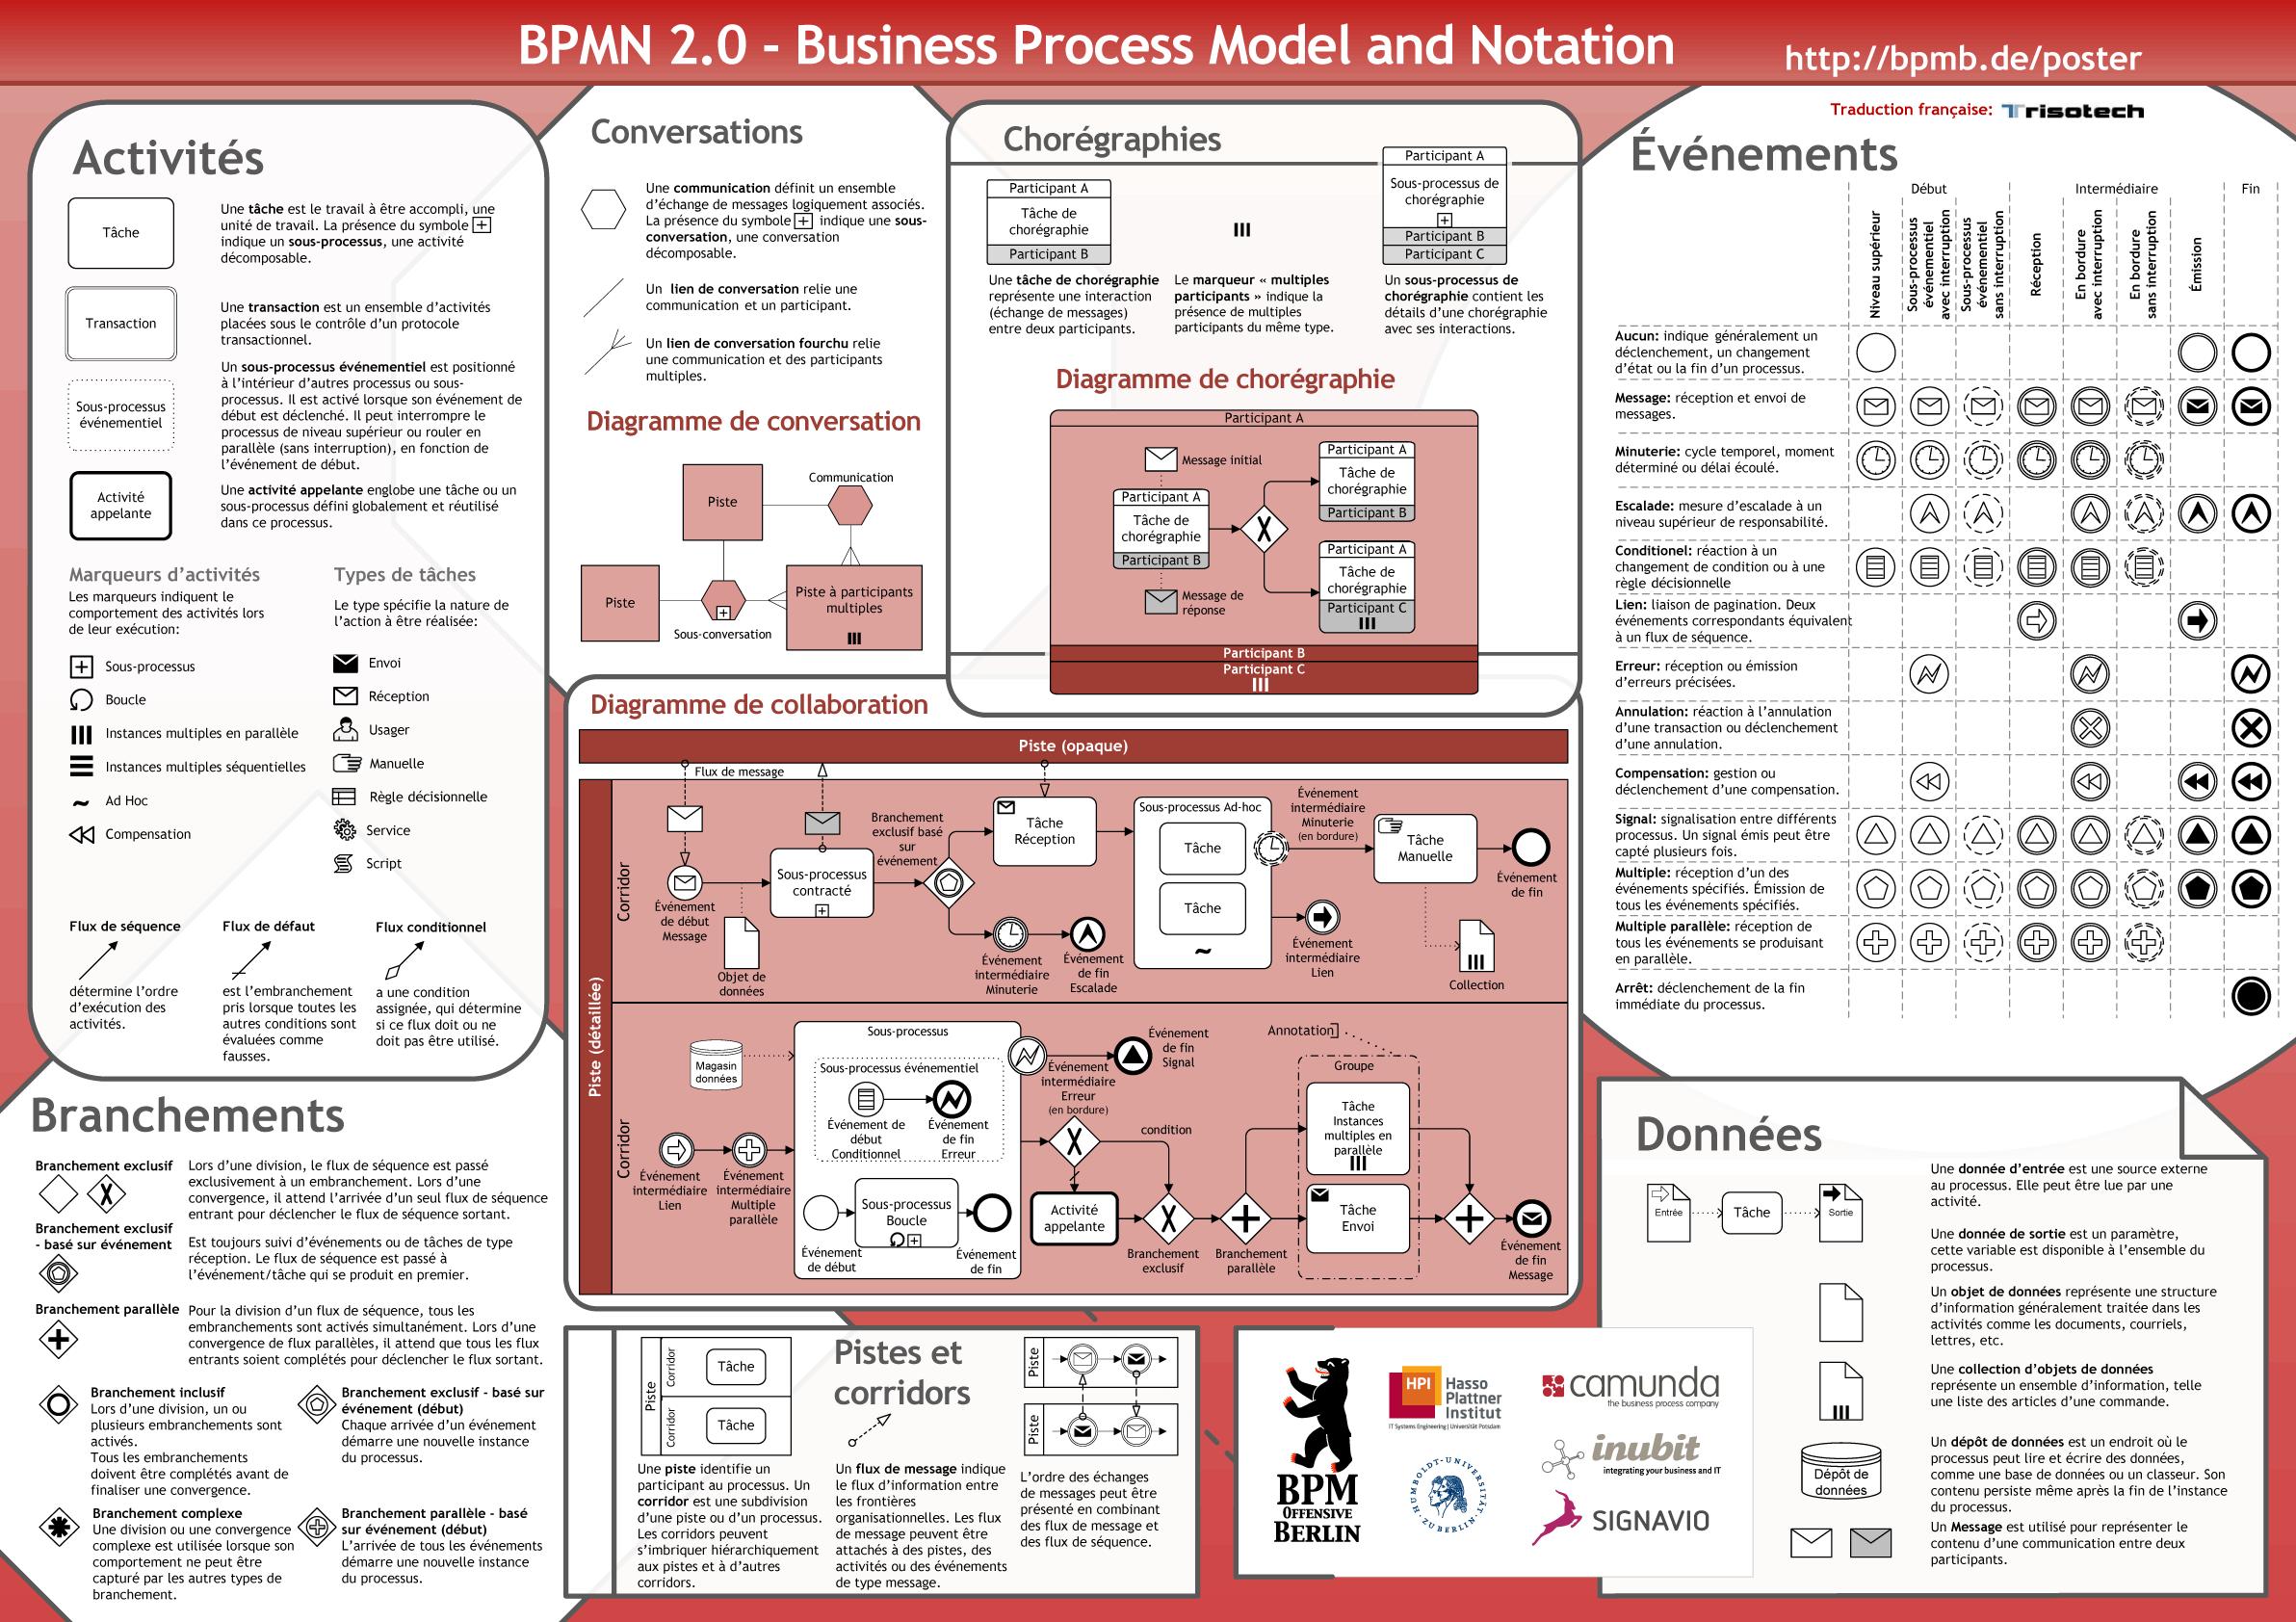 poster de BPMN 2.0 - Prévisualisation